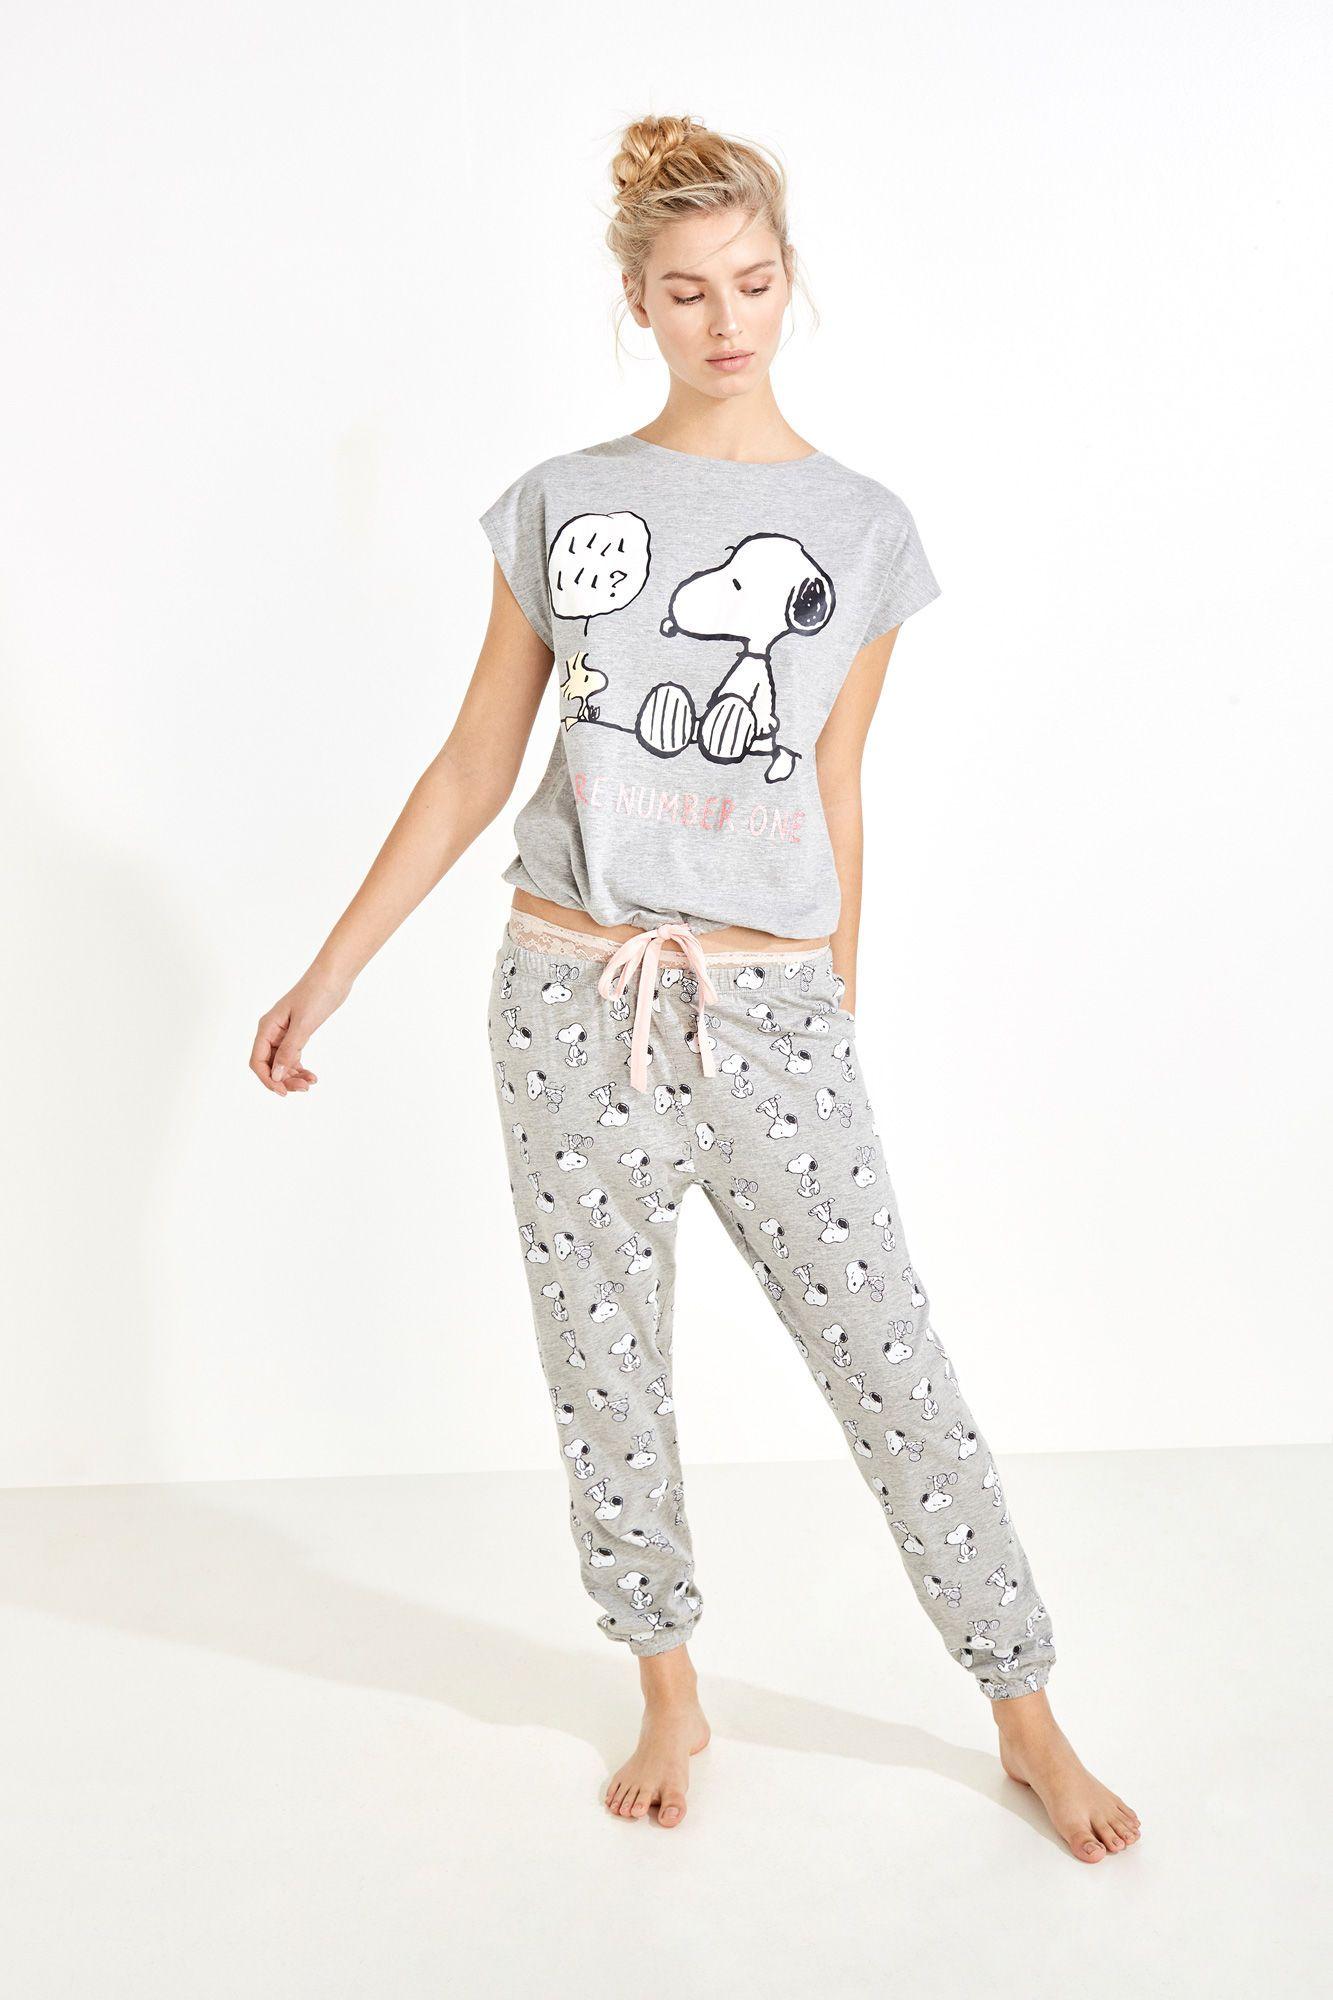 ff8aa500 Pijama largo de Snoopy | Pijamas largos | Women'secret | pijamas ...